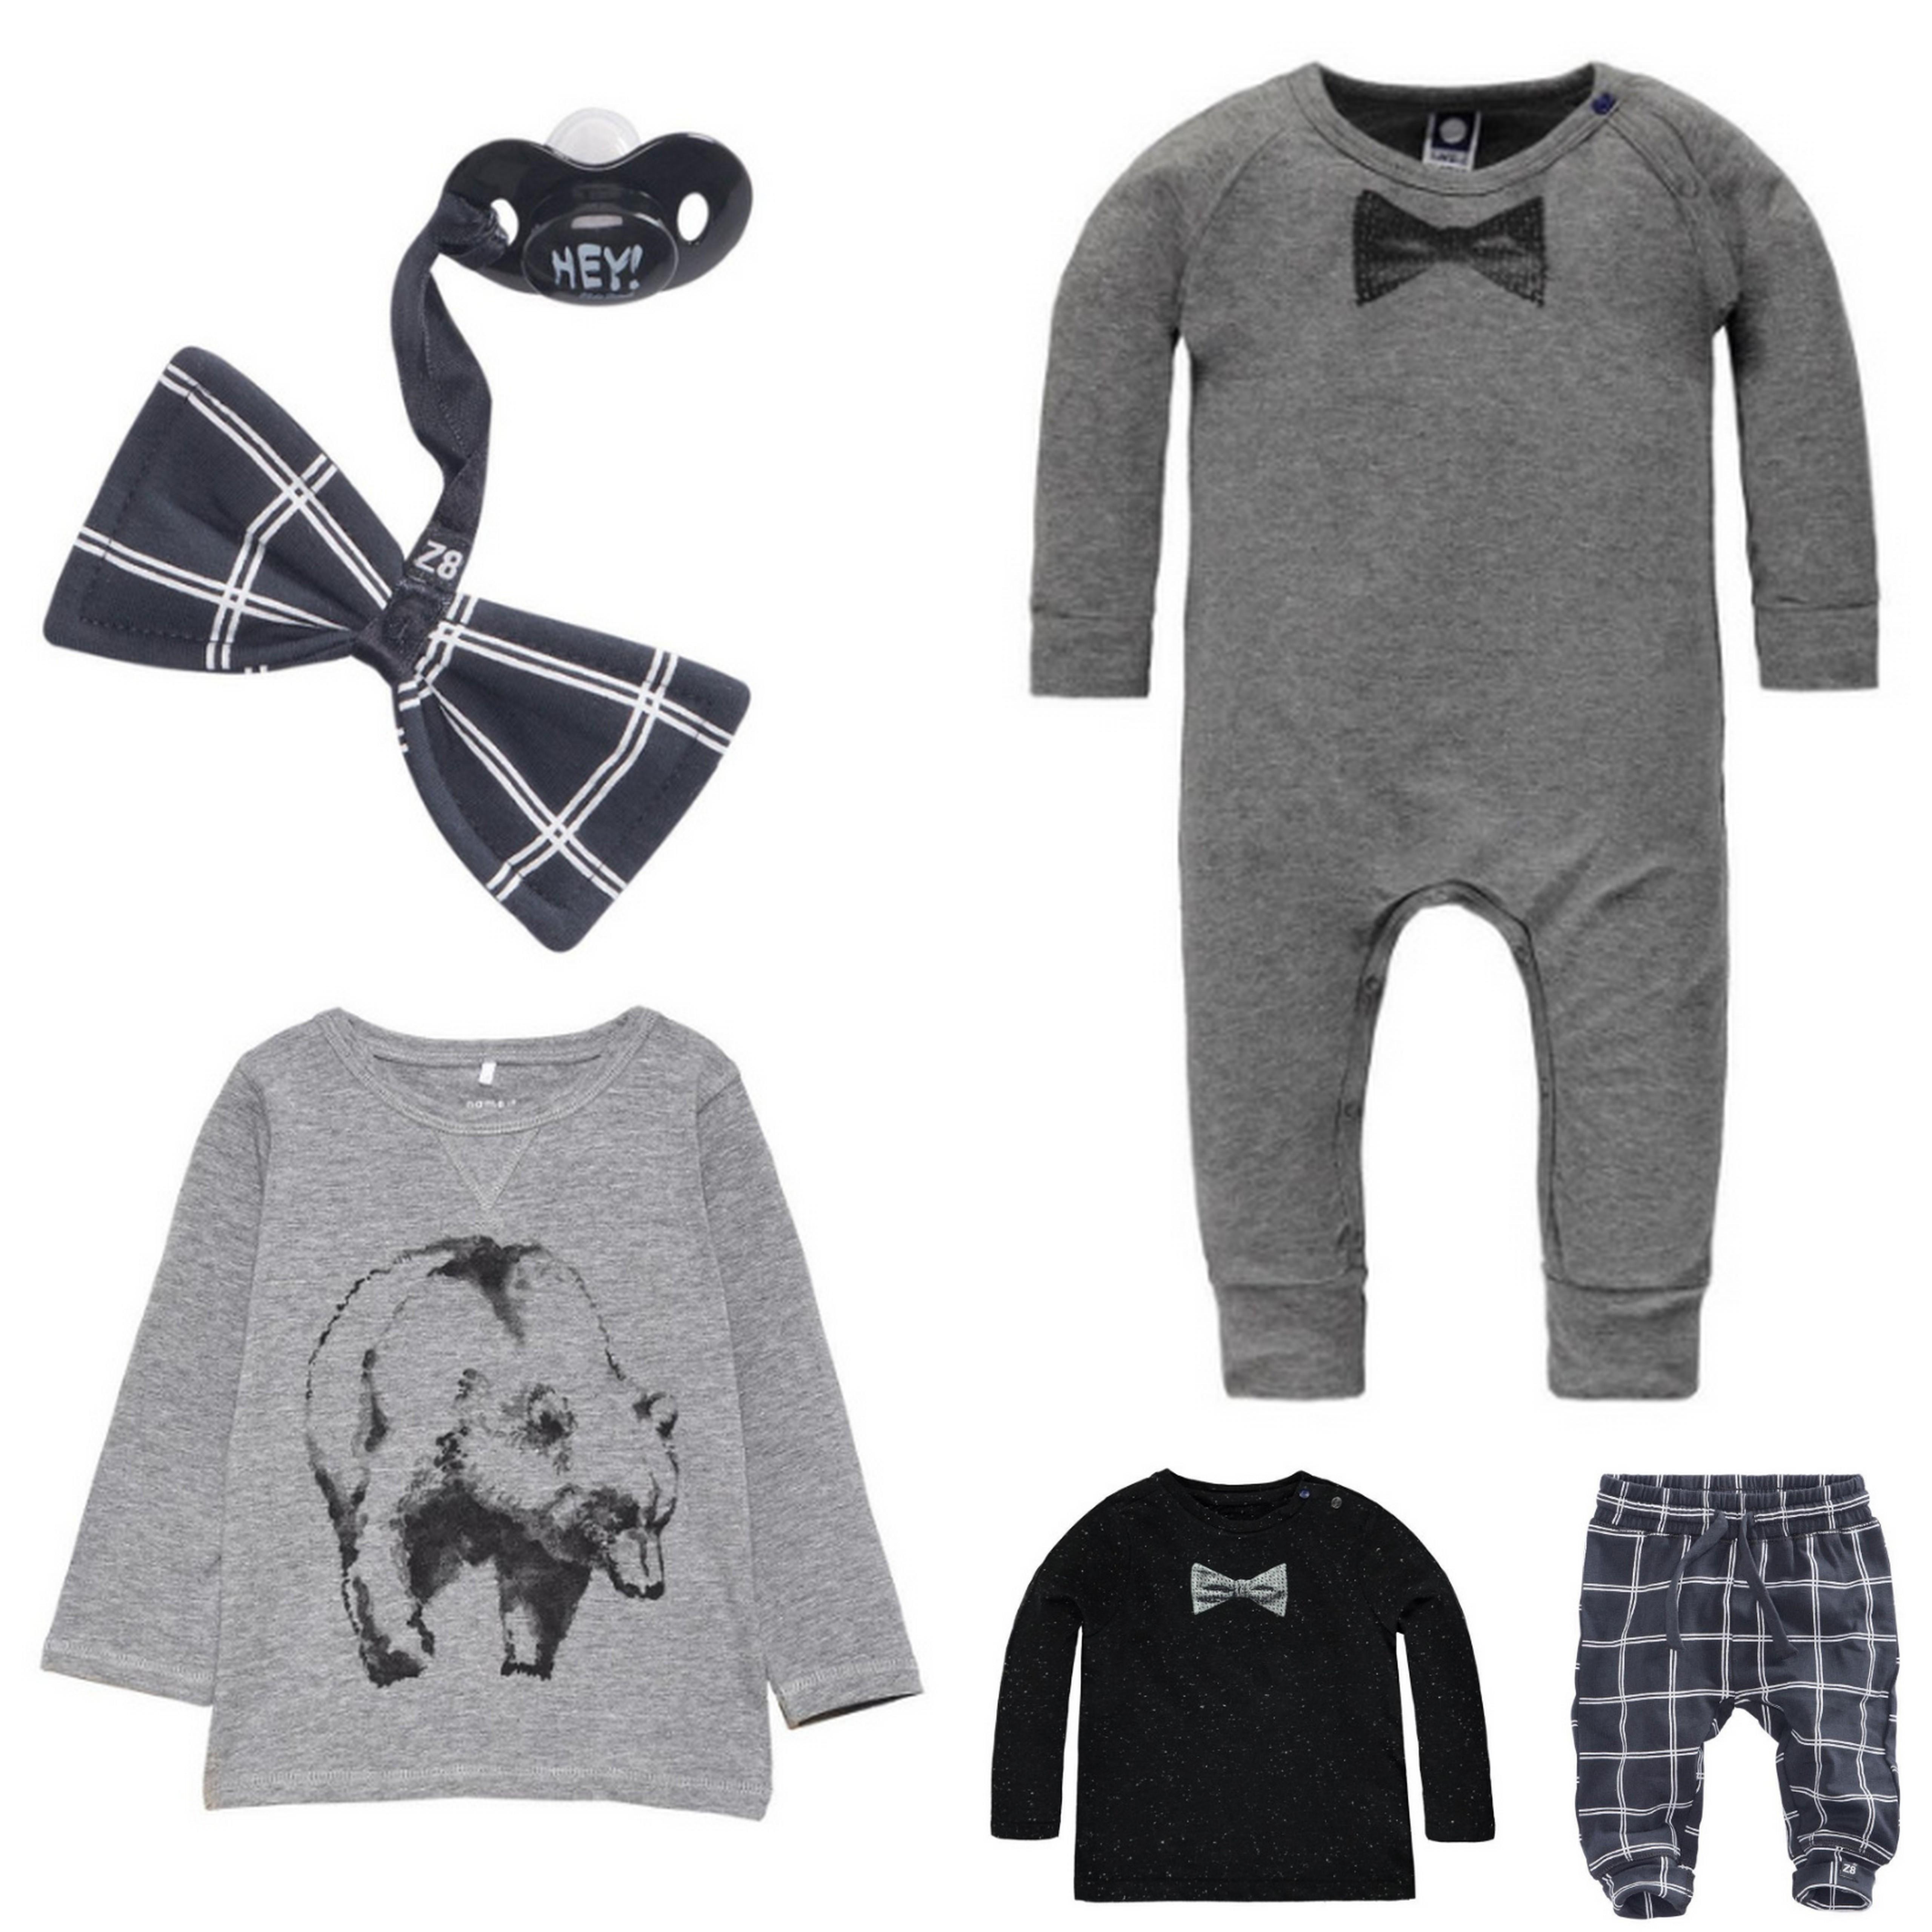 De kledingstijl van onze baby